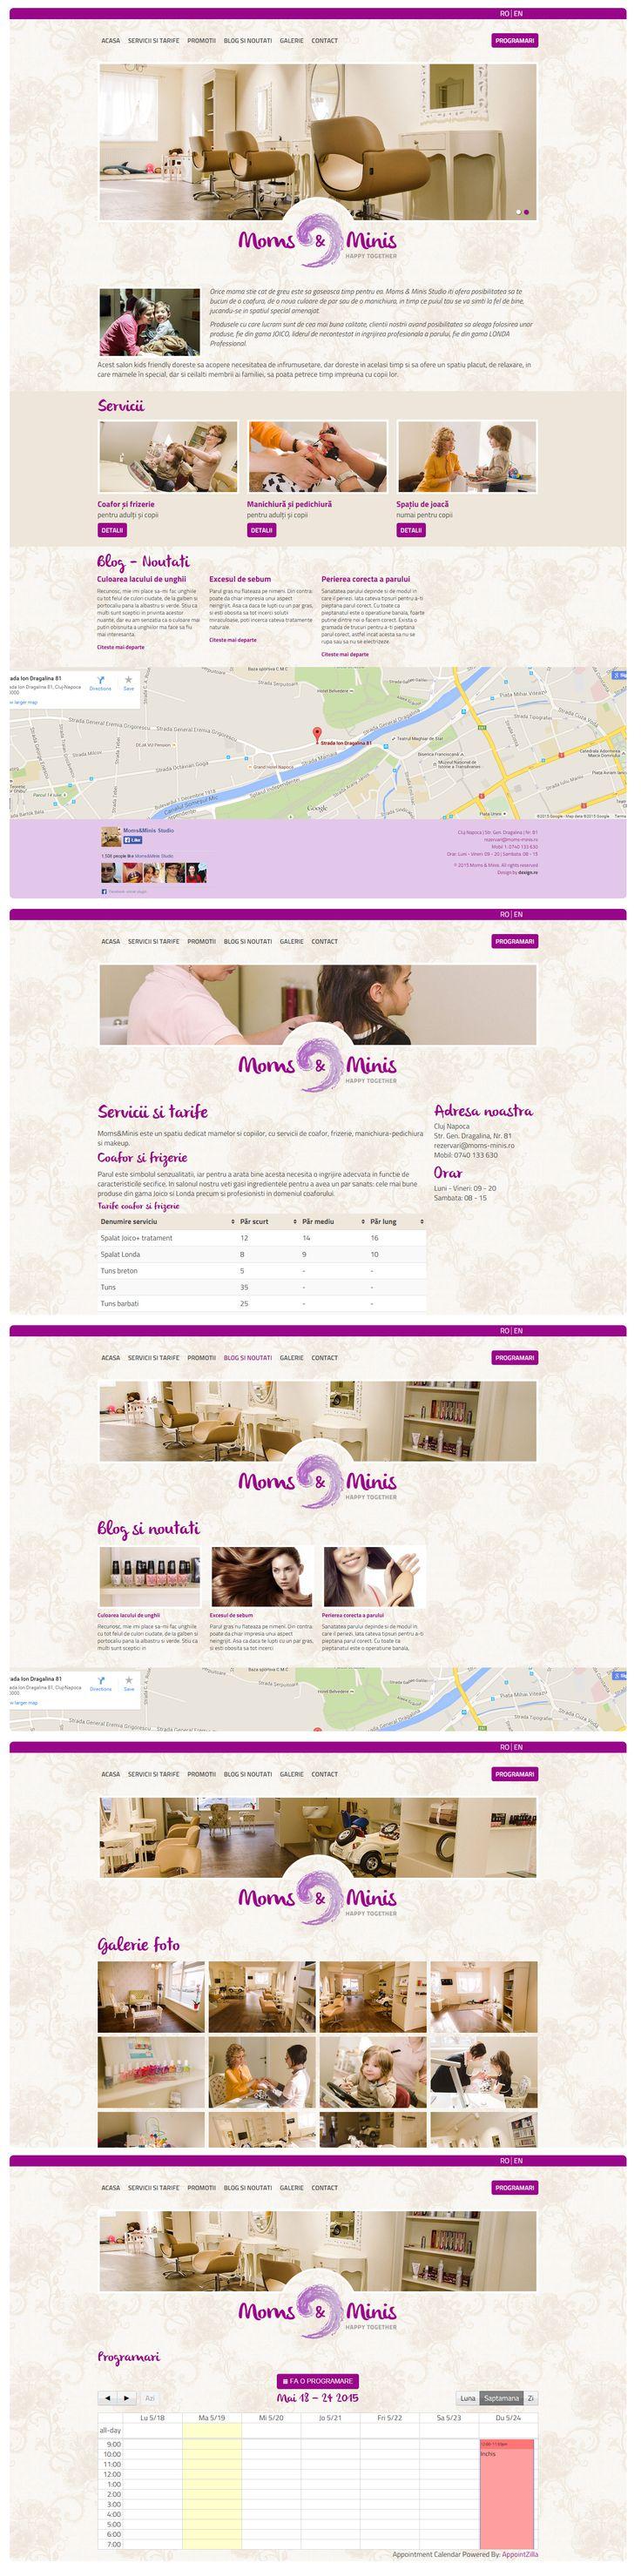 Webdesign for Moms & Minis